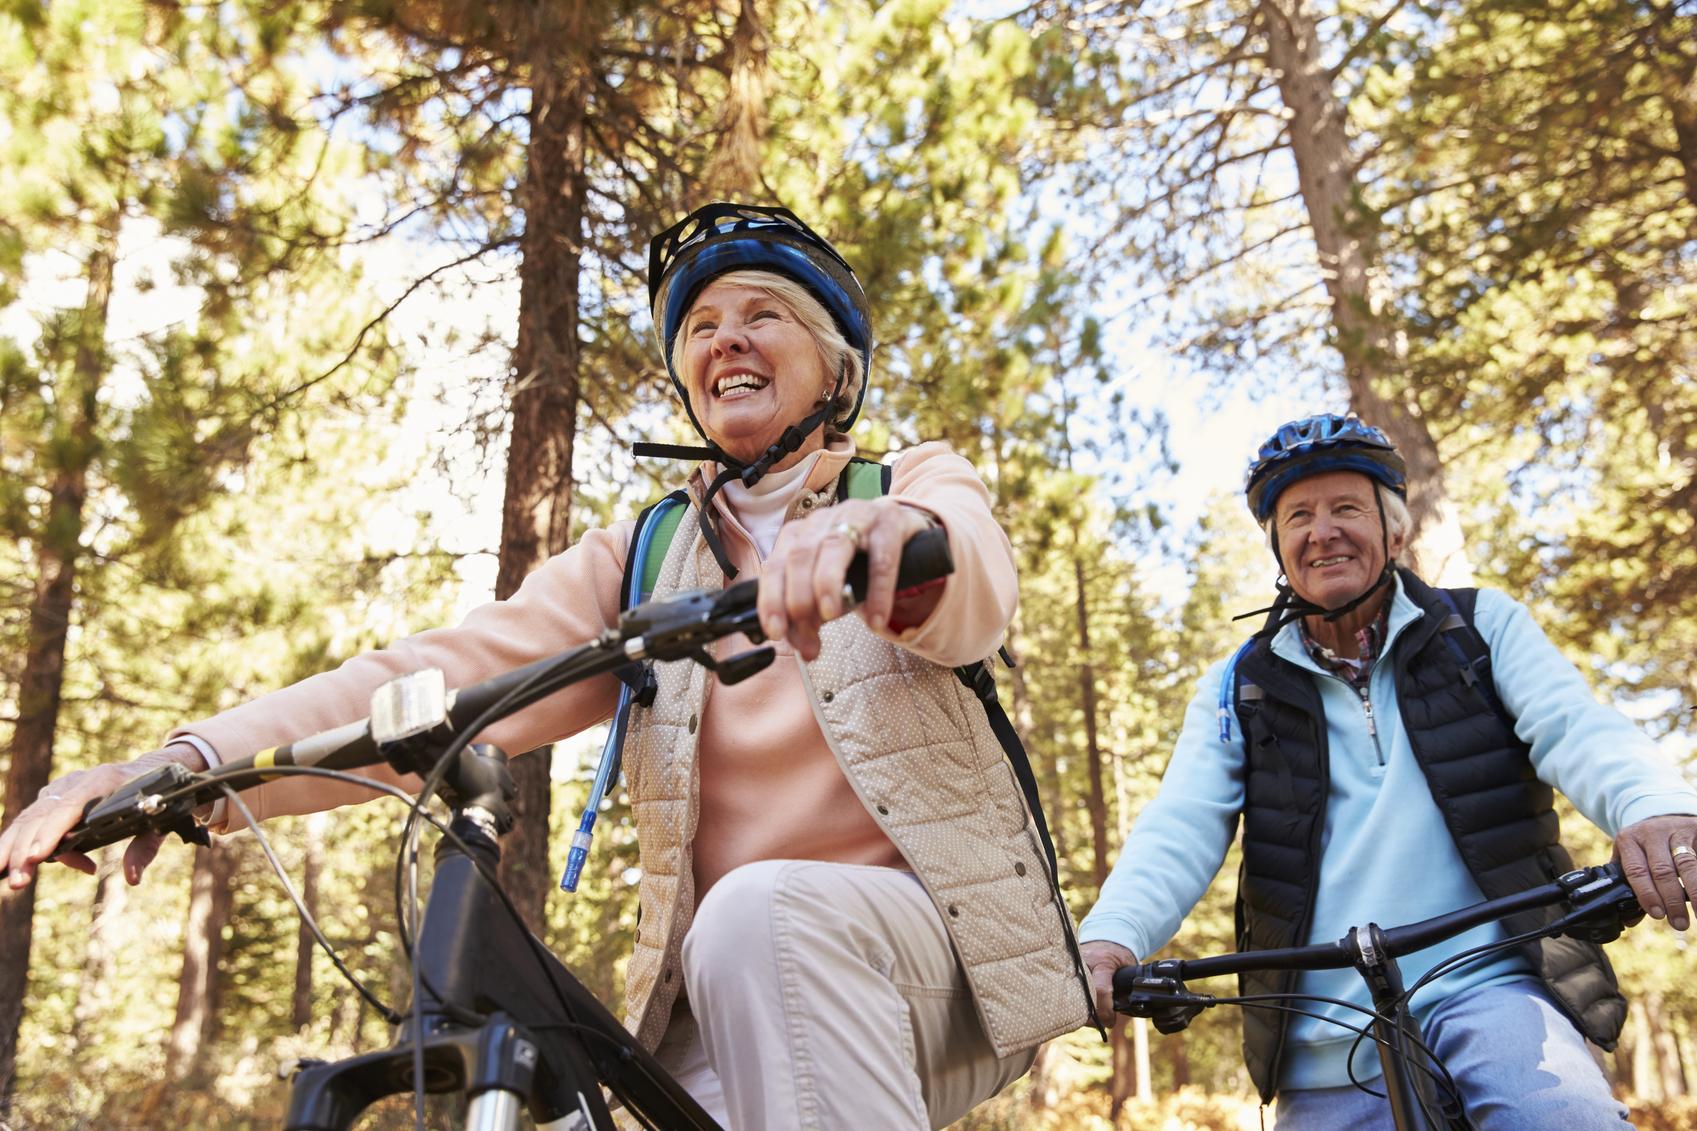 Couple Riding Bikes in Oklahoma City, OK